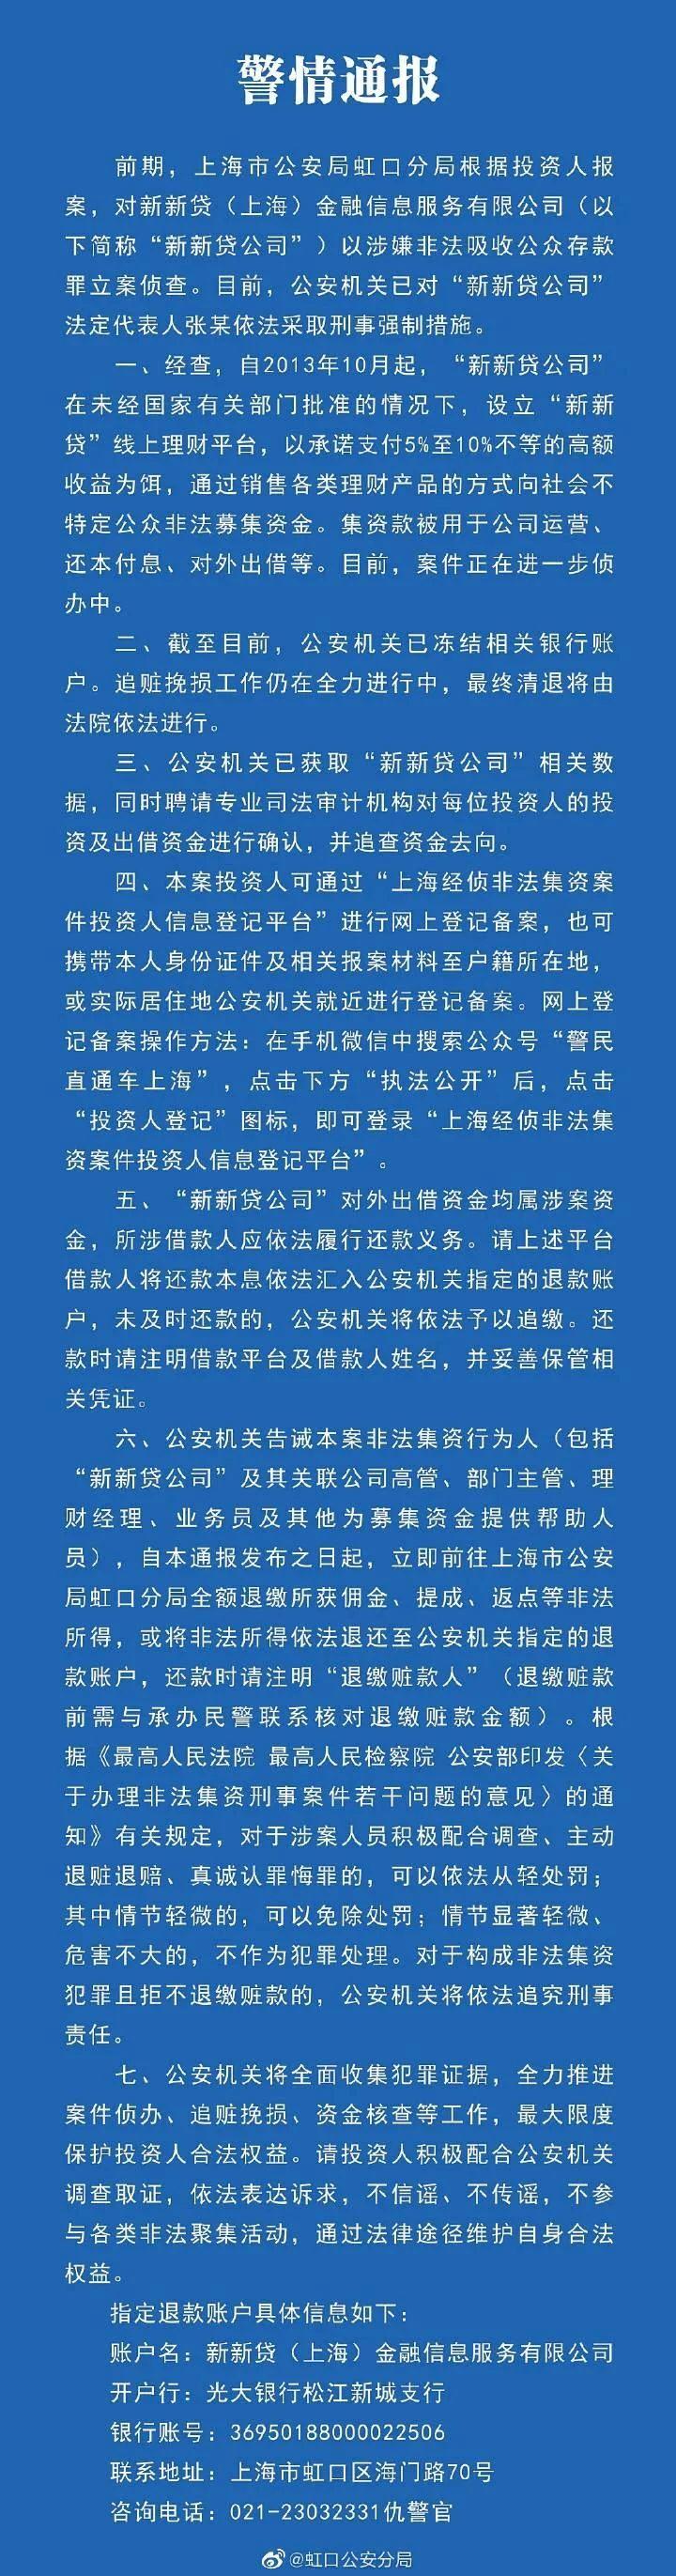 上海新新贷被立案!法人被采取刑事强制措施,未兑付金额超20亿 ...